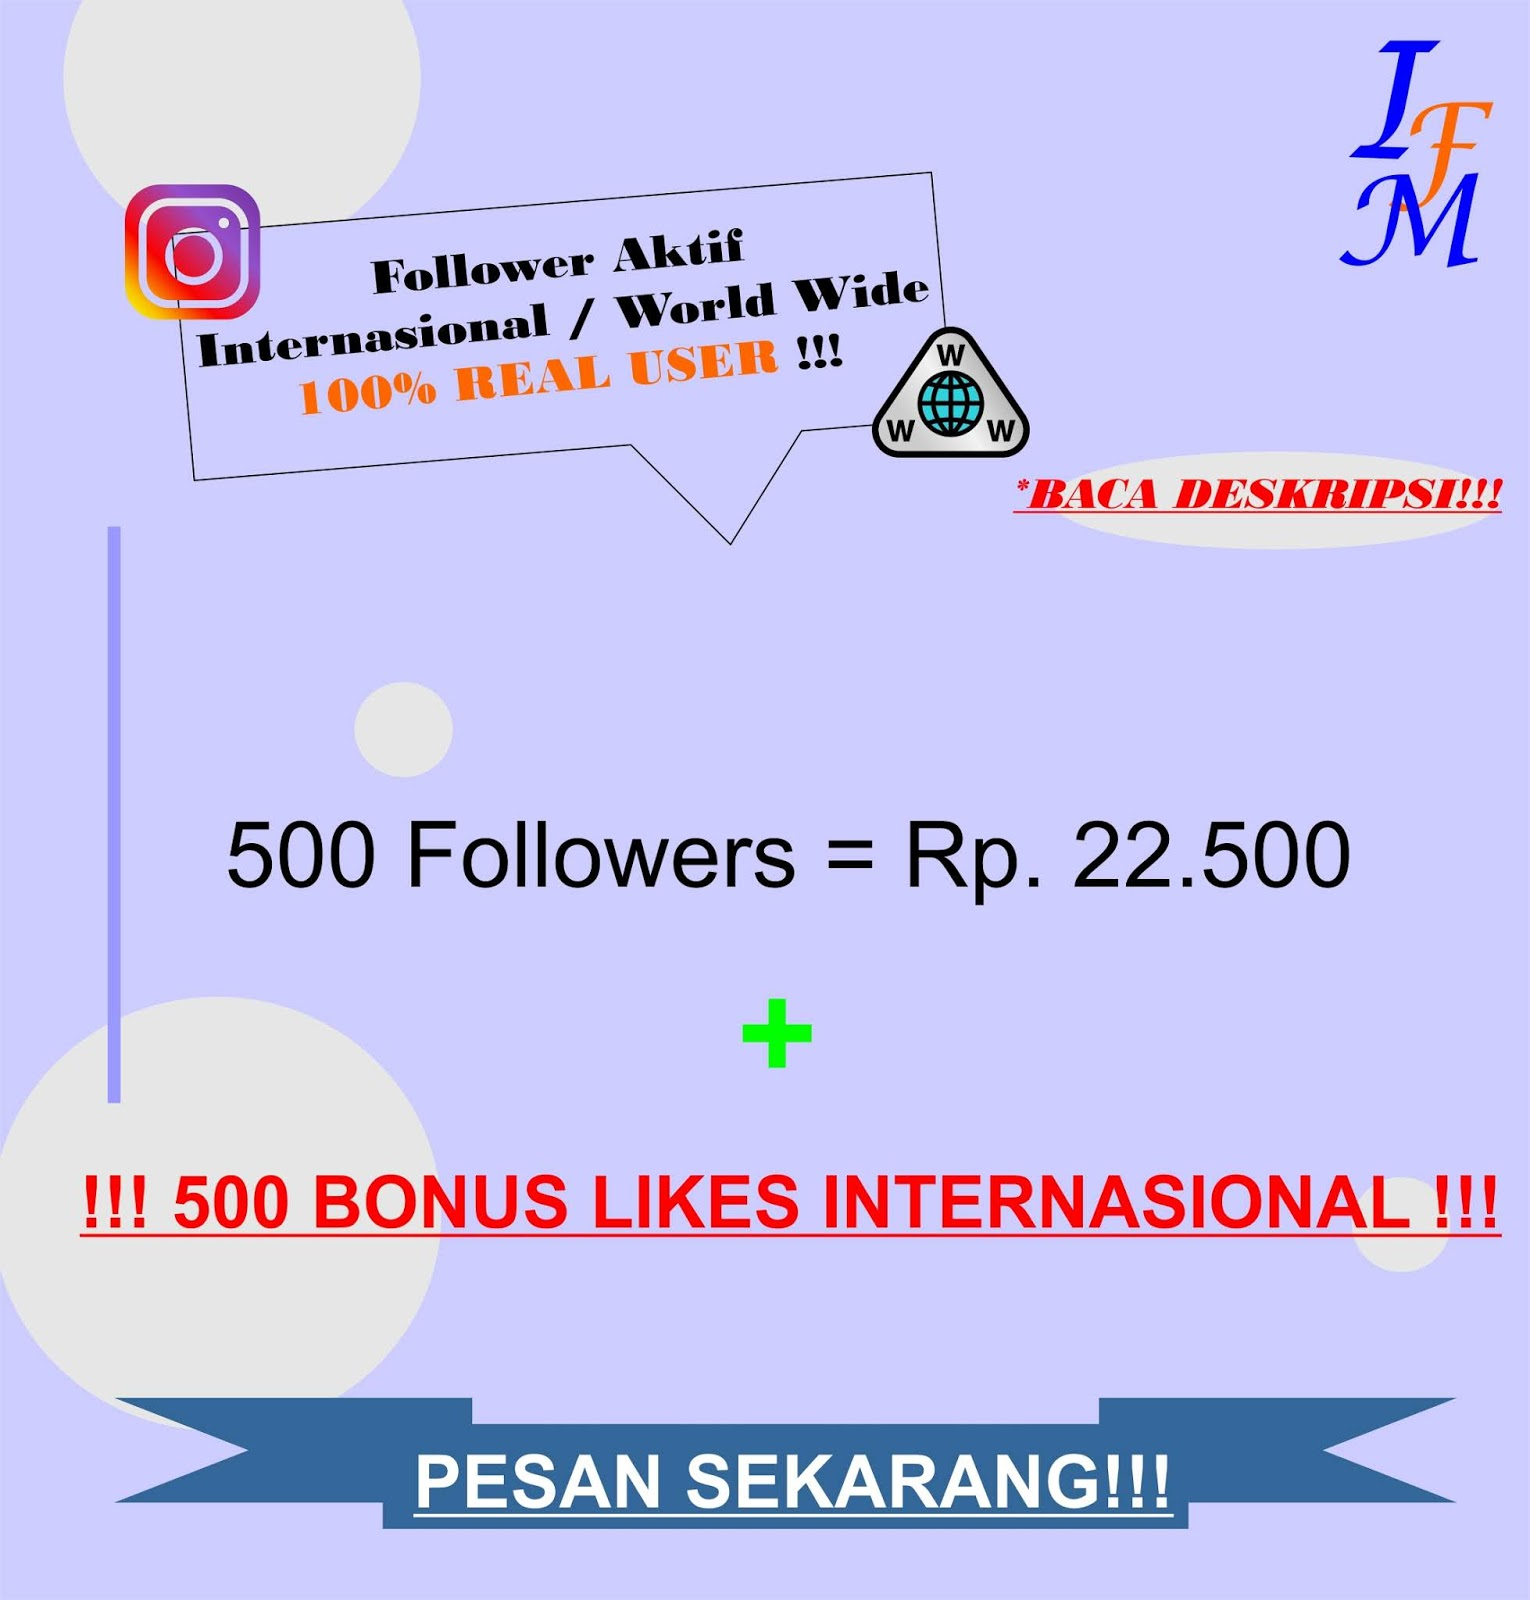 Jasa Tambah 500 Follower Akun Instagram Aktif Mix Worldwide 100% Real User